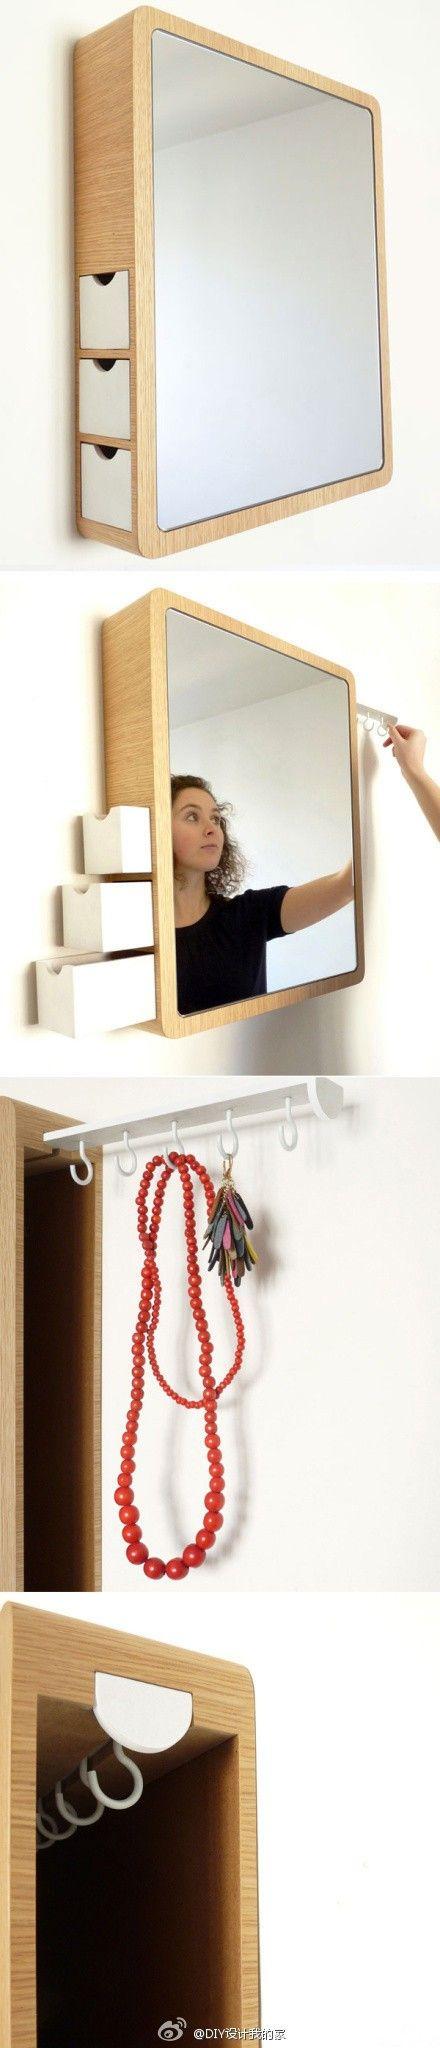 法国Les M工作室设计的多功能化妆镜,可以收纳项链、戒指等小饰品